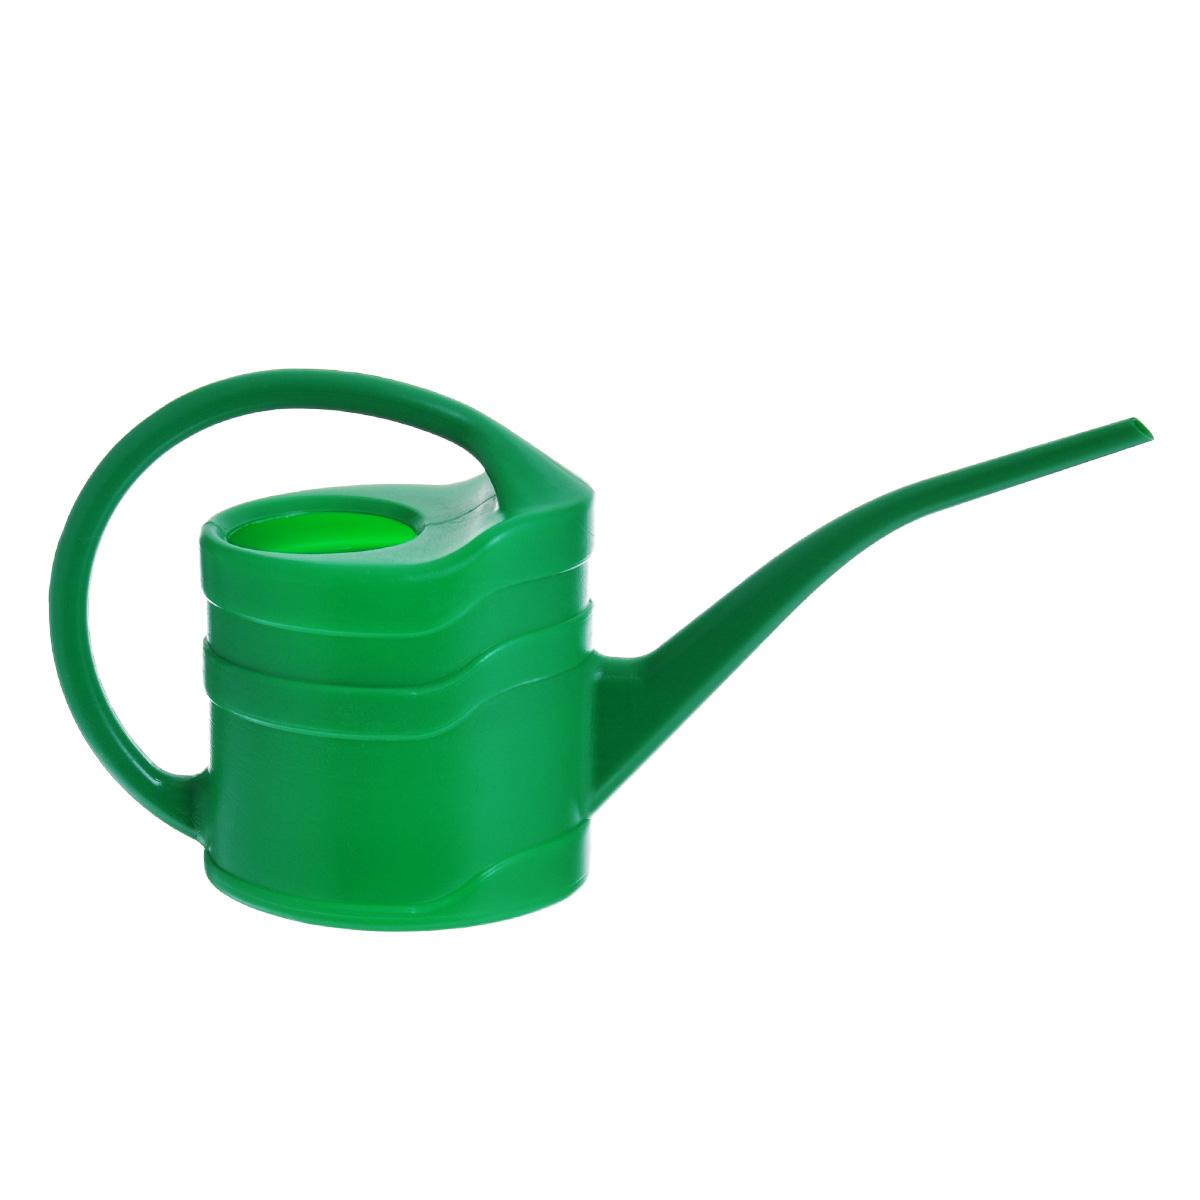 Лейка садовая Калита, цвет: зеленый, 1,3 л77371_зеленыйЛейка Калита изготовлена из яркого цветного пластика, оснащена удобной фиксированной ручкой и длинным носиком. Идеальный вариант для полива цветов дома или в саду.